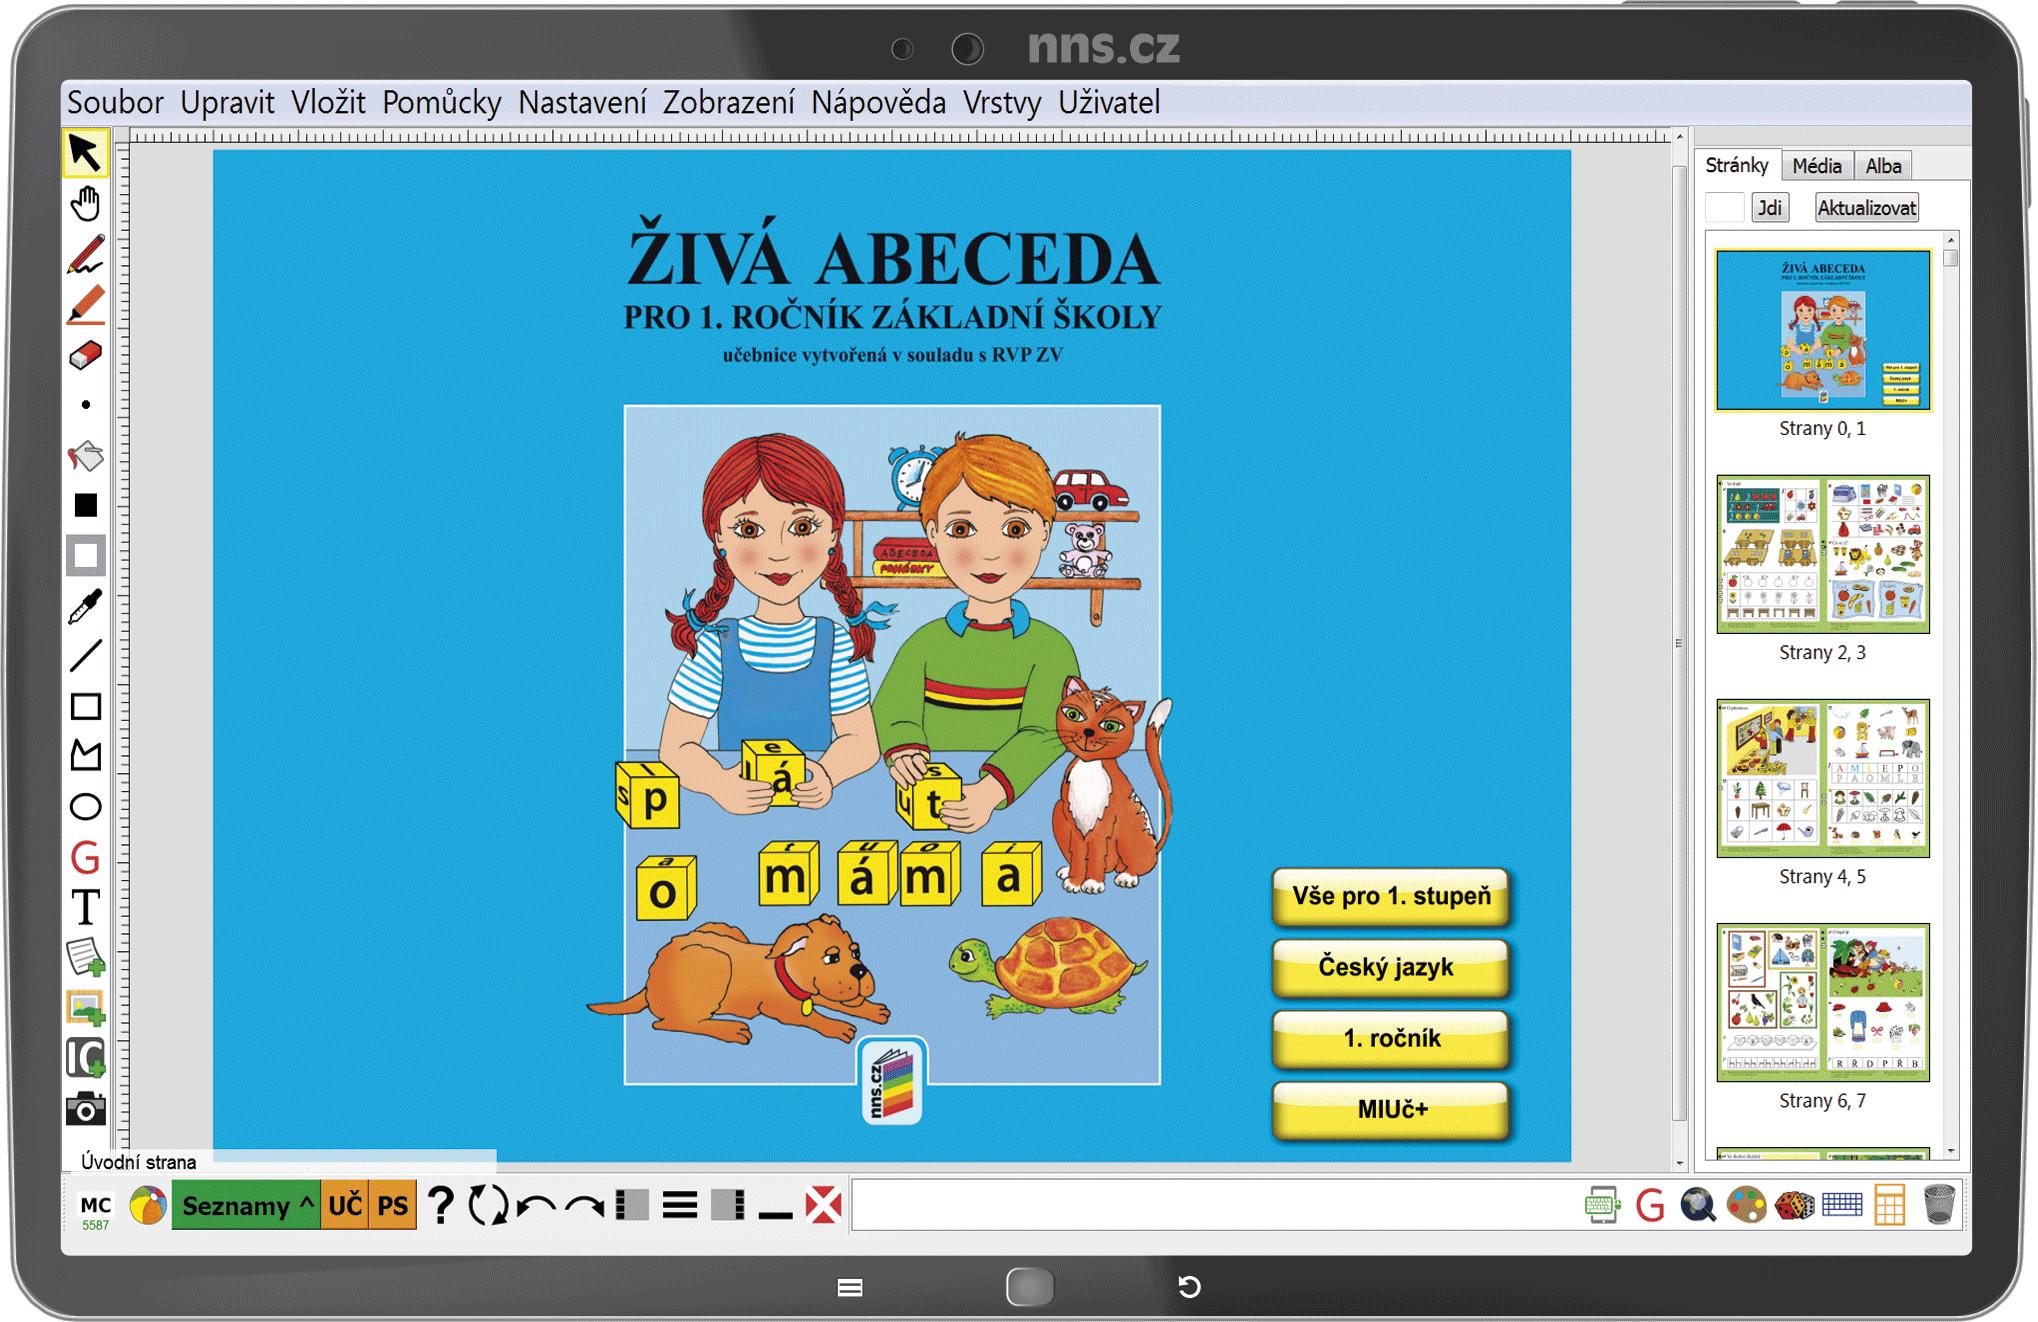 MIUč+ Živá abeceda, Slabikář, Písanky (sada) Píšeme tiskacím písmem - žák. licence na 1 šk. rok